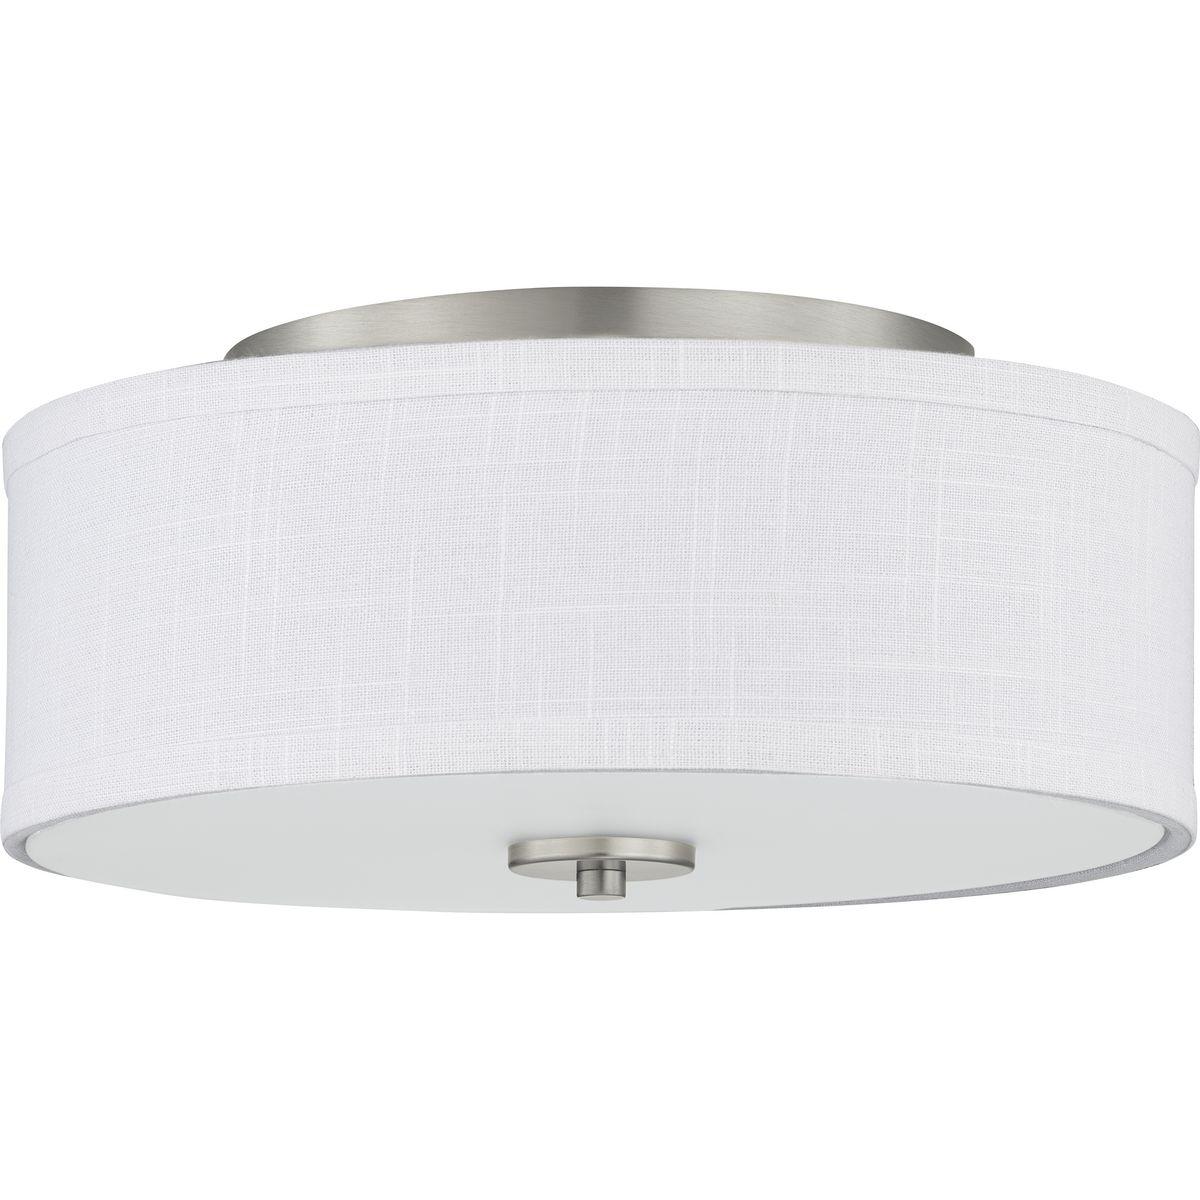 13 led flush mount p350135 009 30